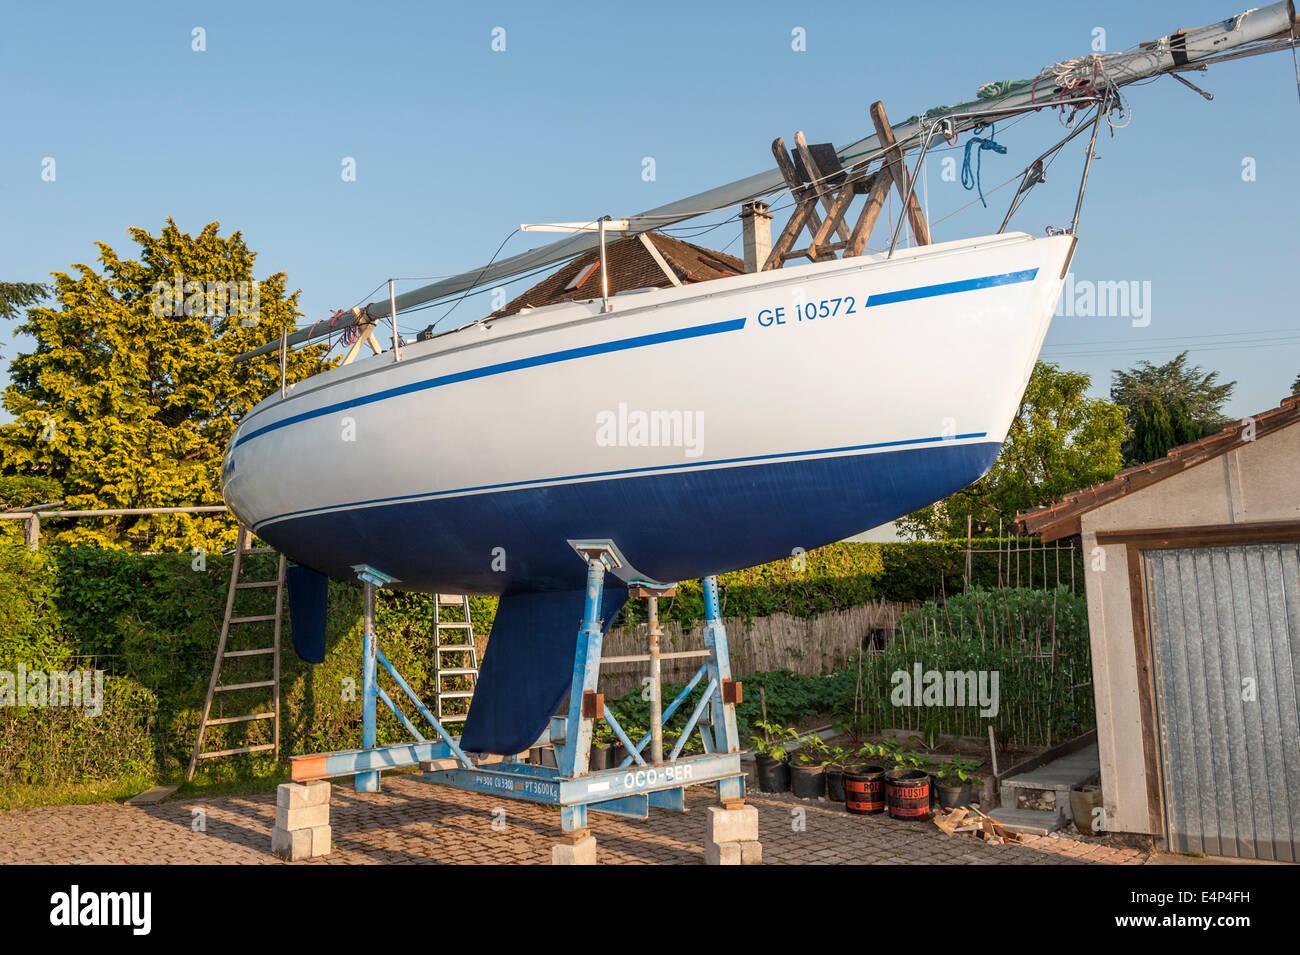 Un velero en una cuna en un astillero, después de haber sido pintadas con antifouling Imagen De Stock